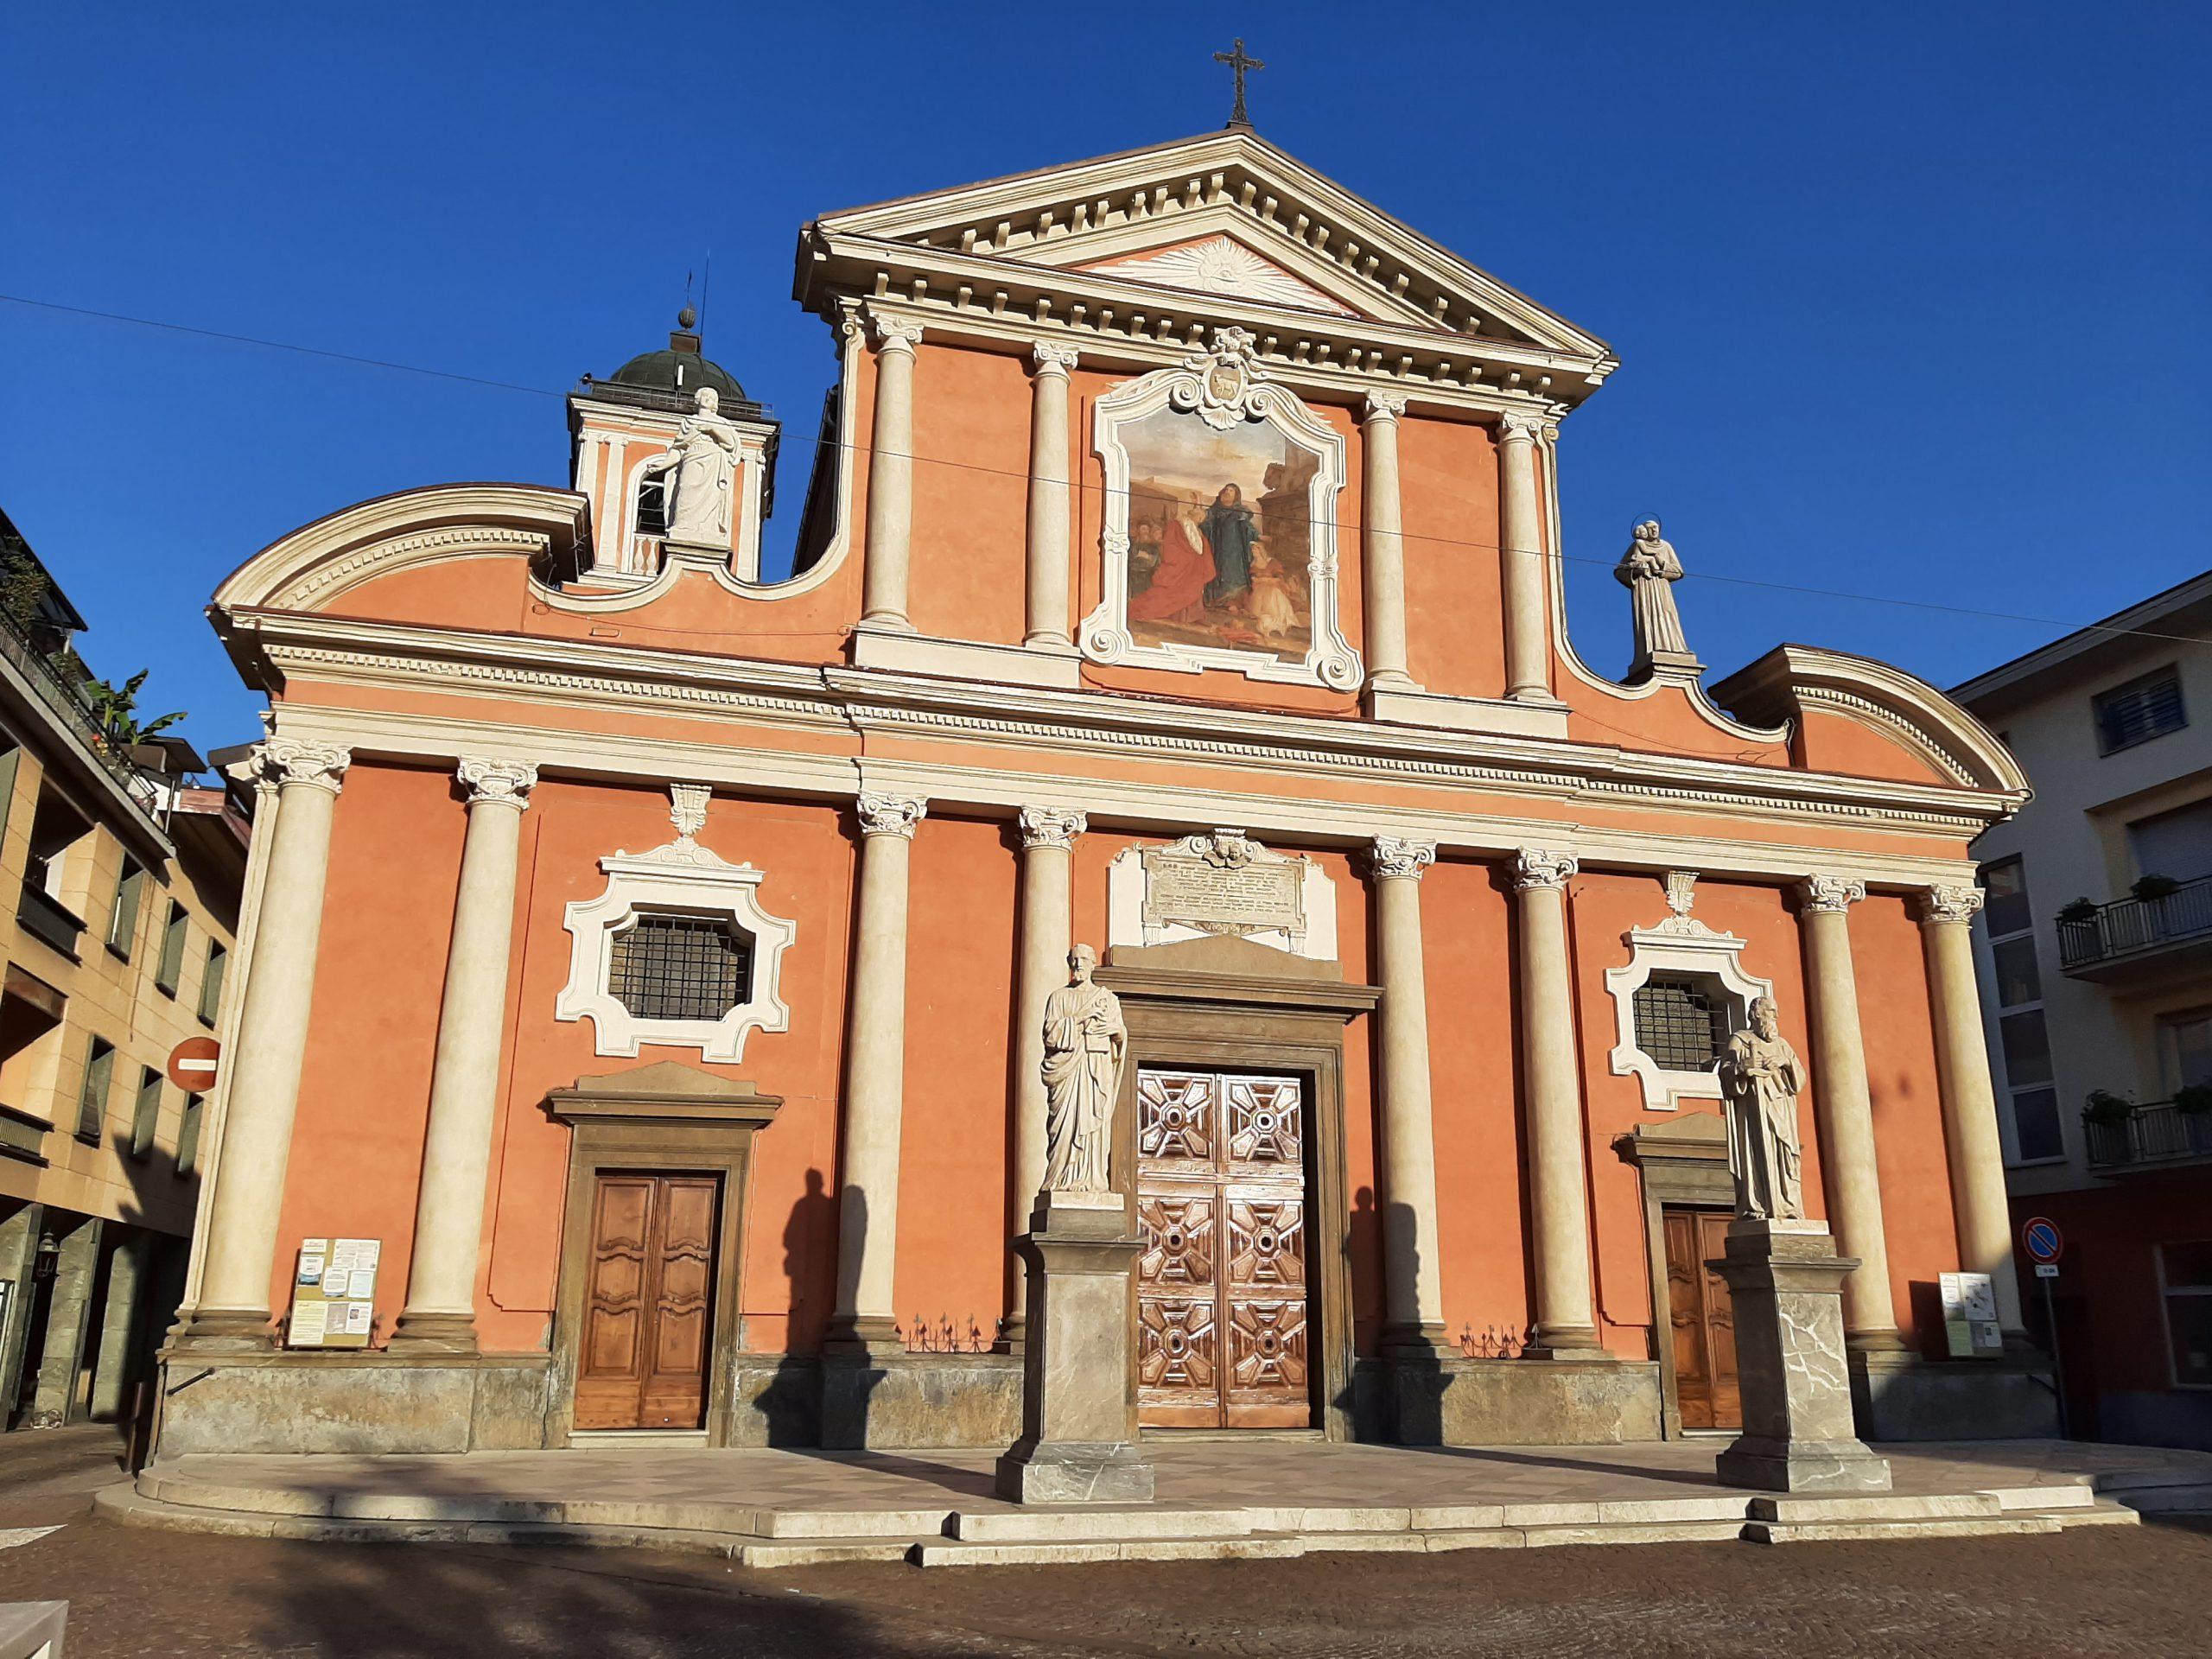 Boves parrocchia bella Vallauri 2021